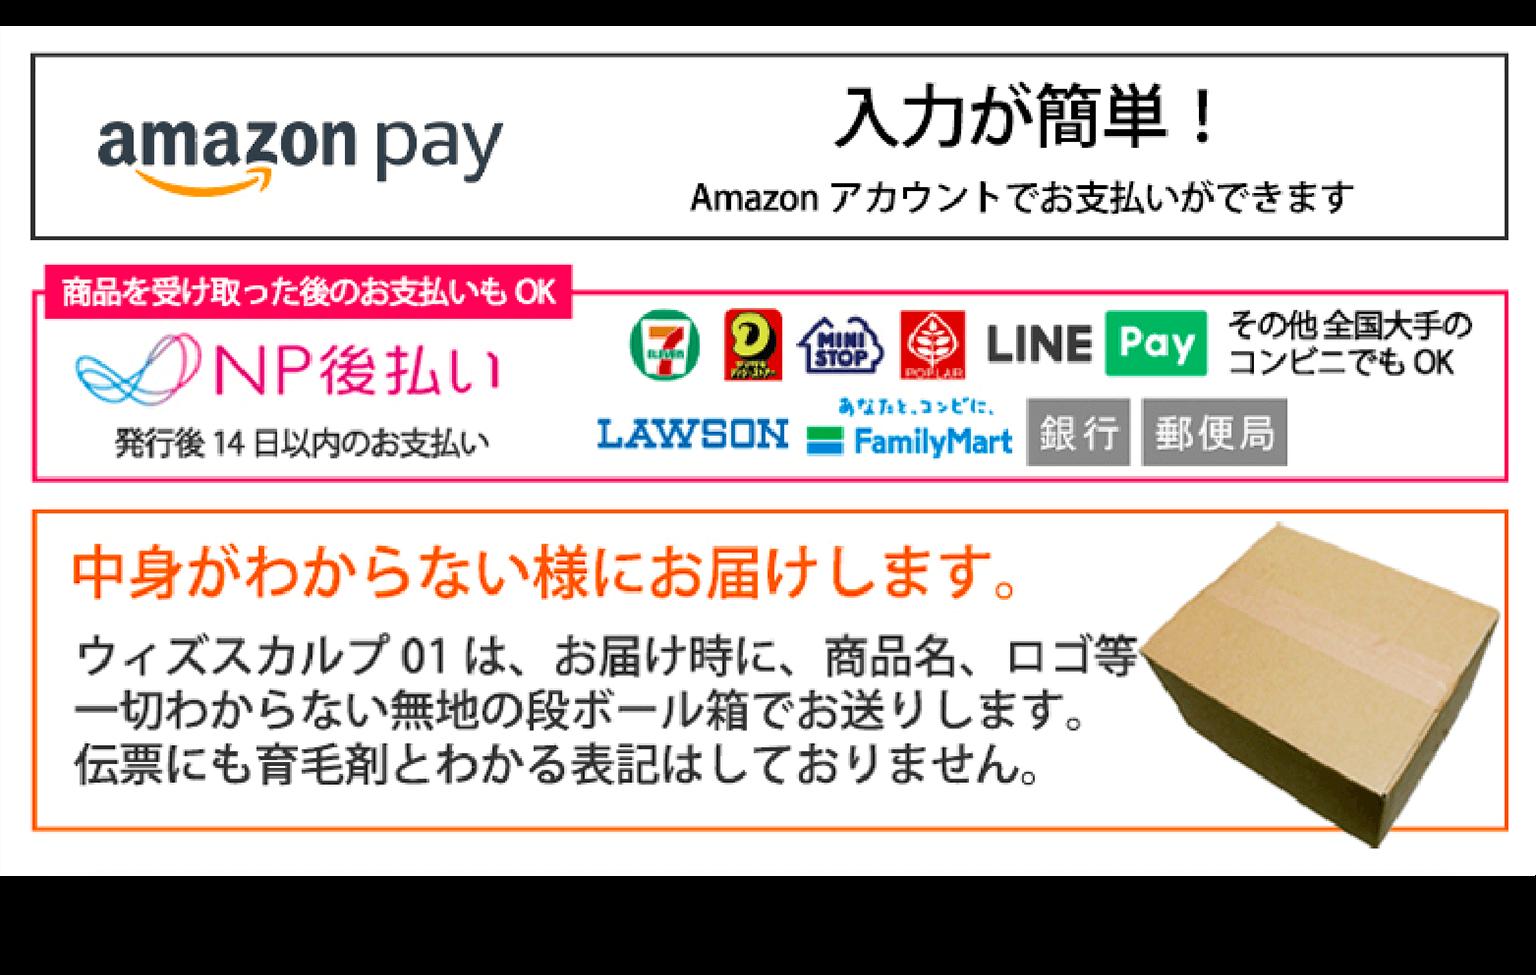 amazon pay、NP後払いが可能!中身がわからないようにお届けします。